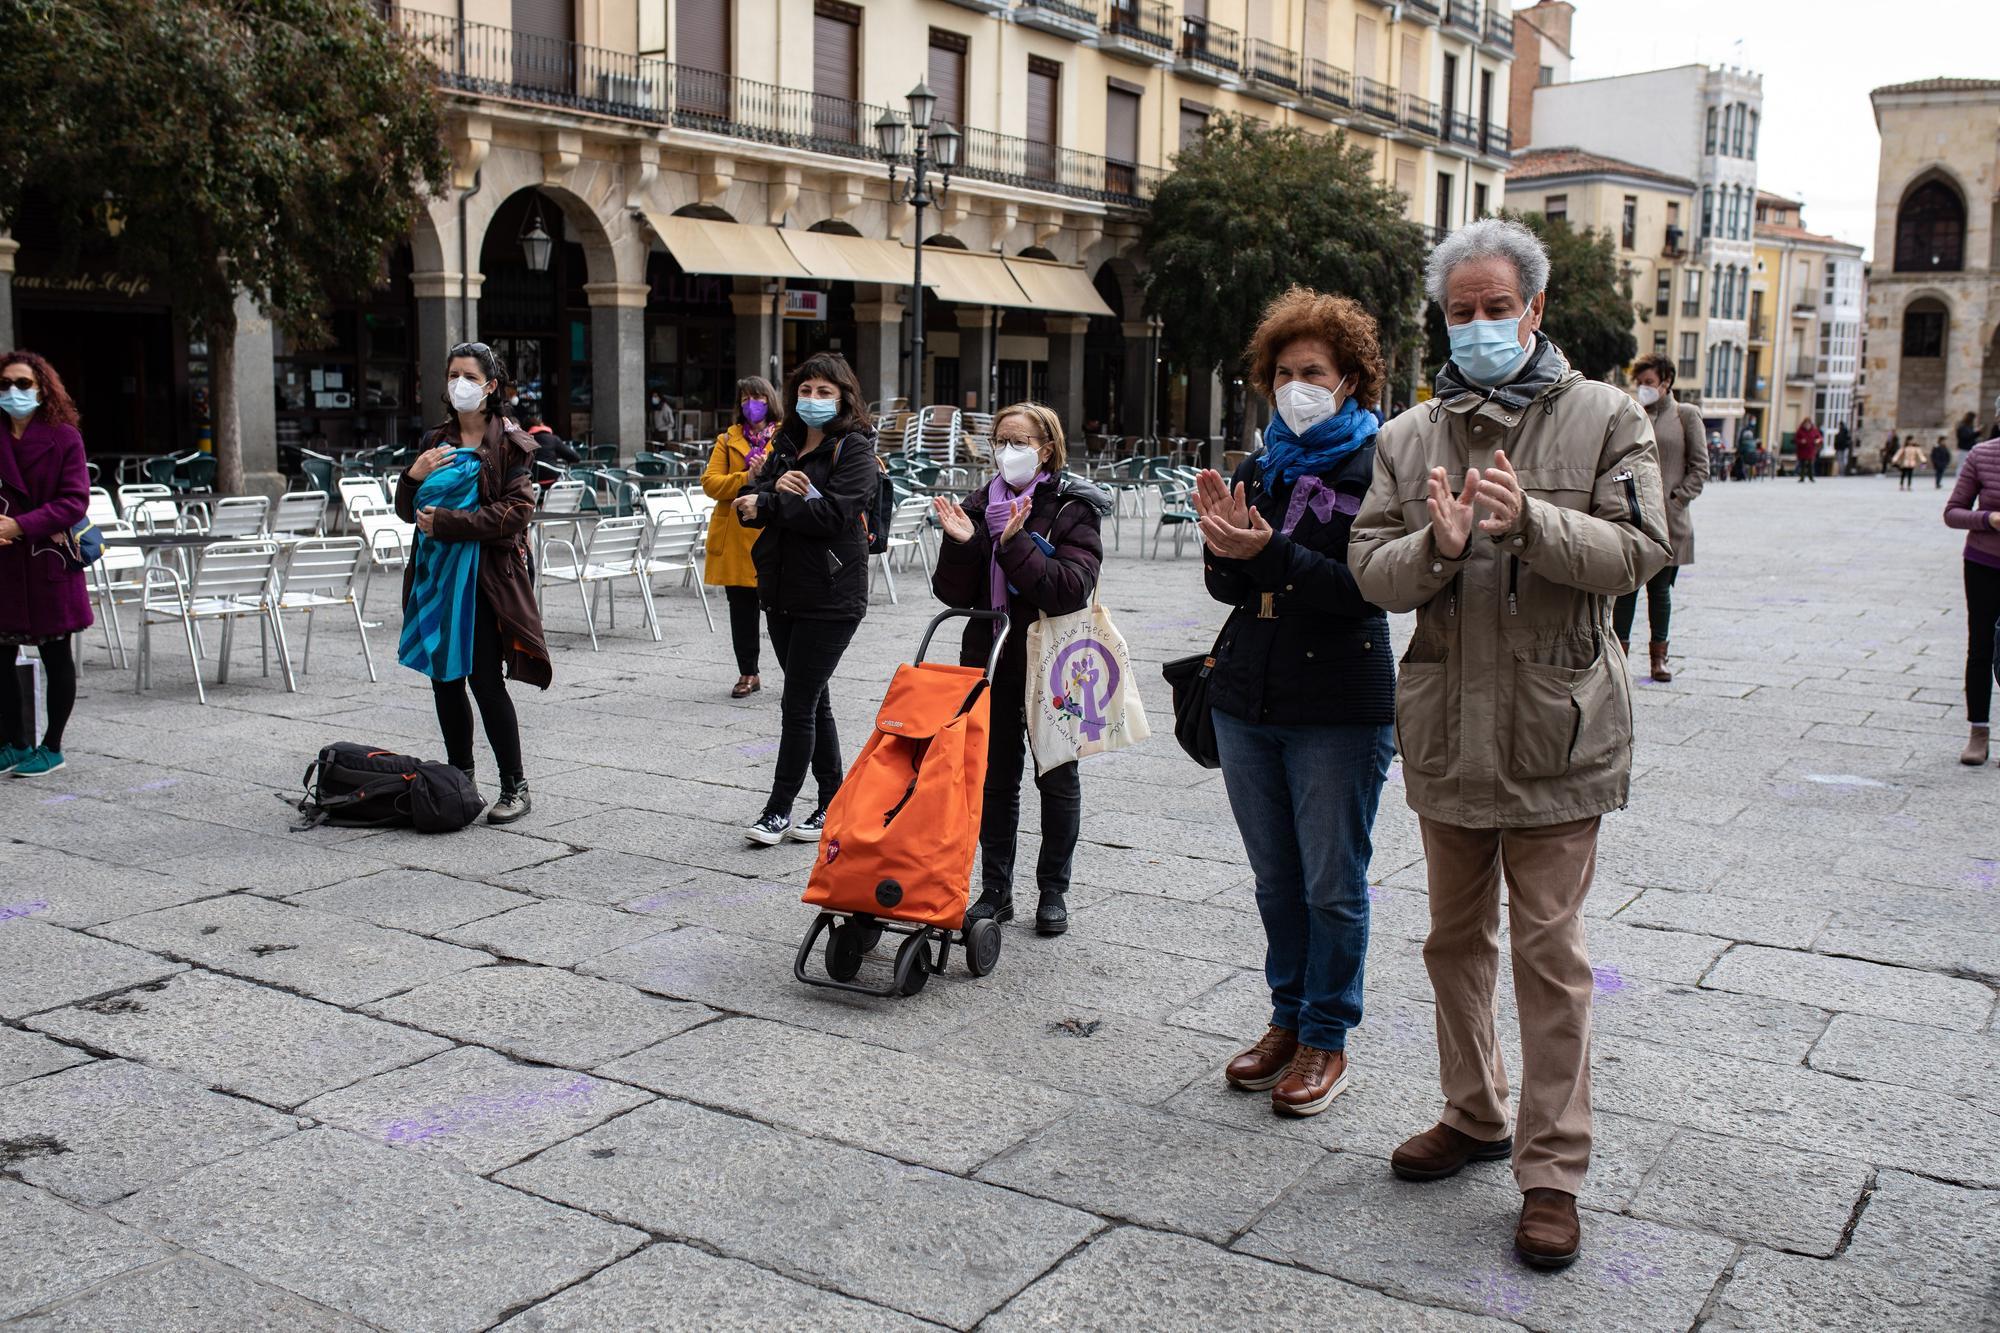 GALERÍA | Concentración de la Asamblea de Mujeres por el 8M en Zamora